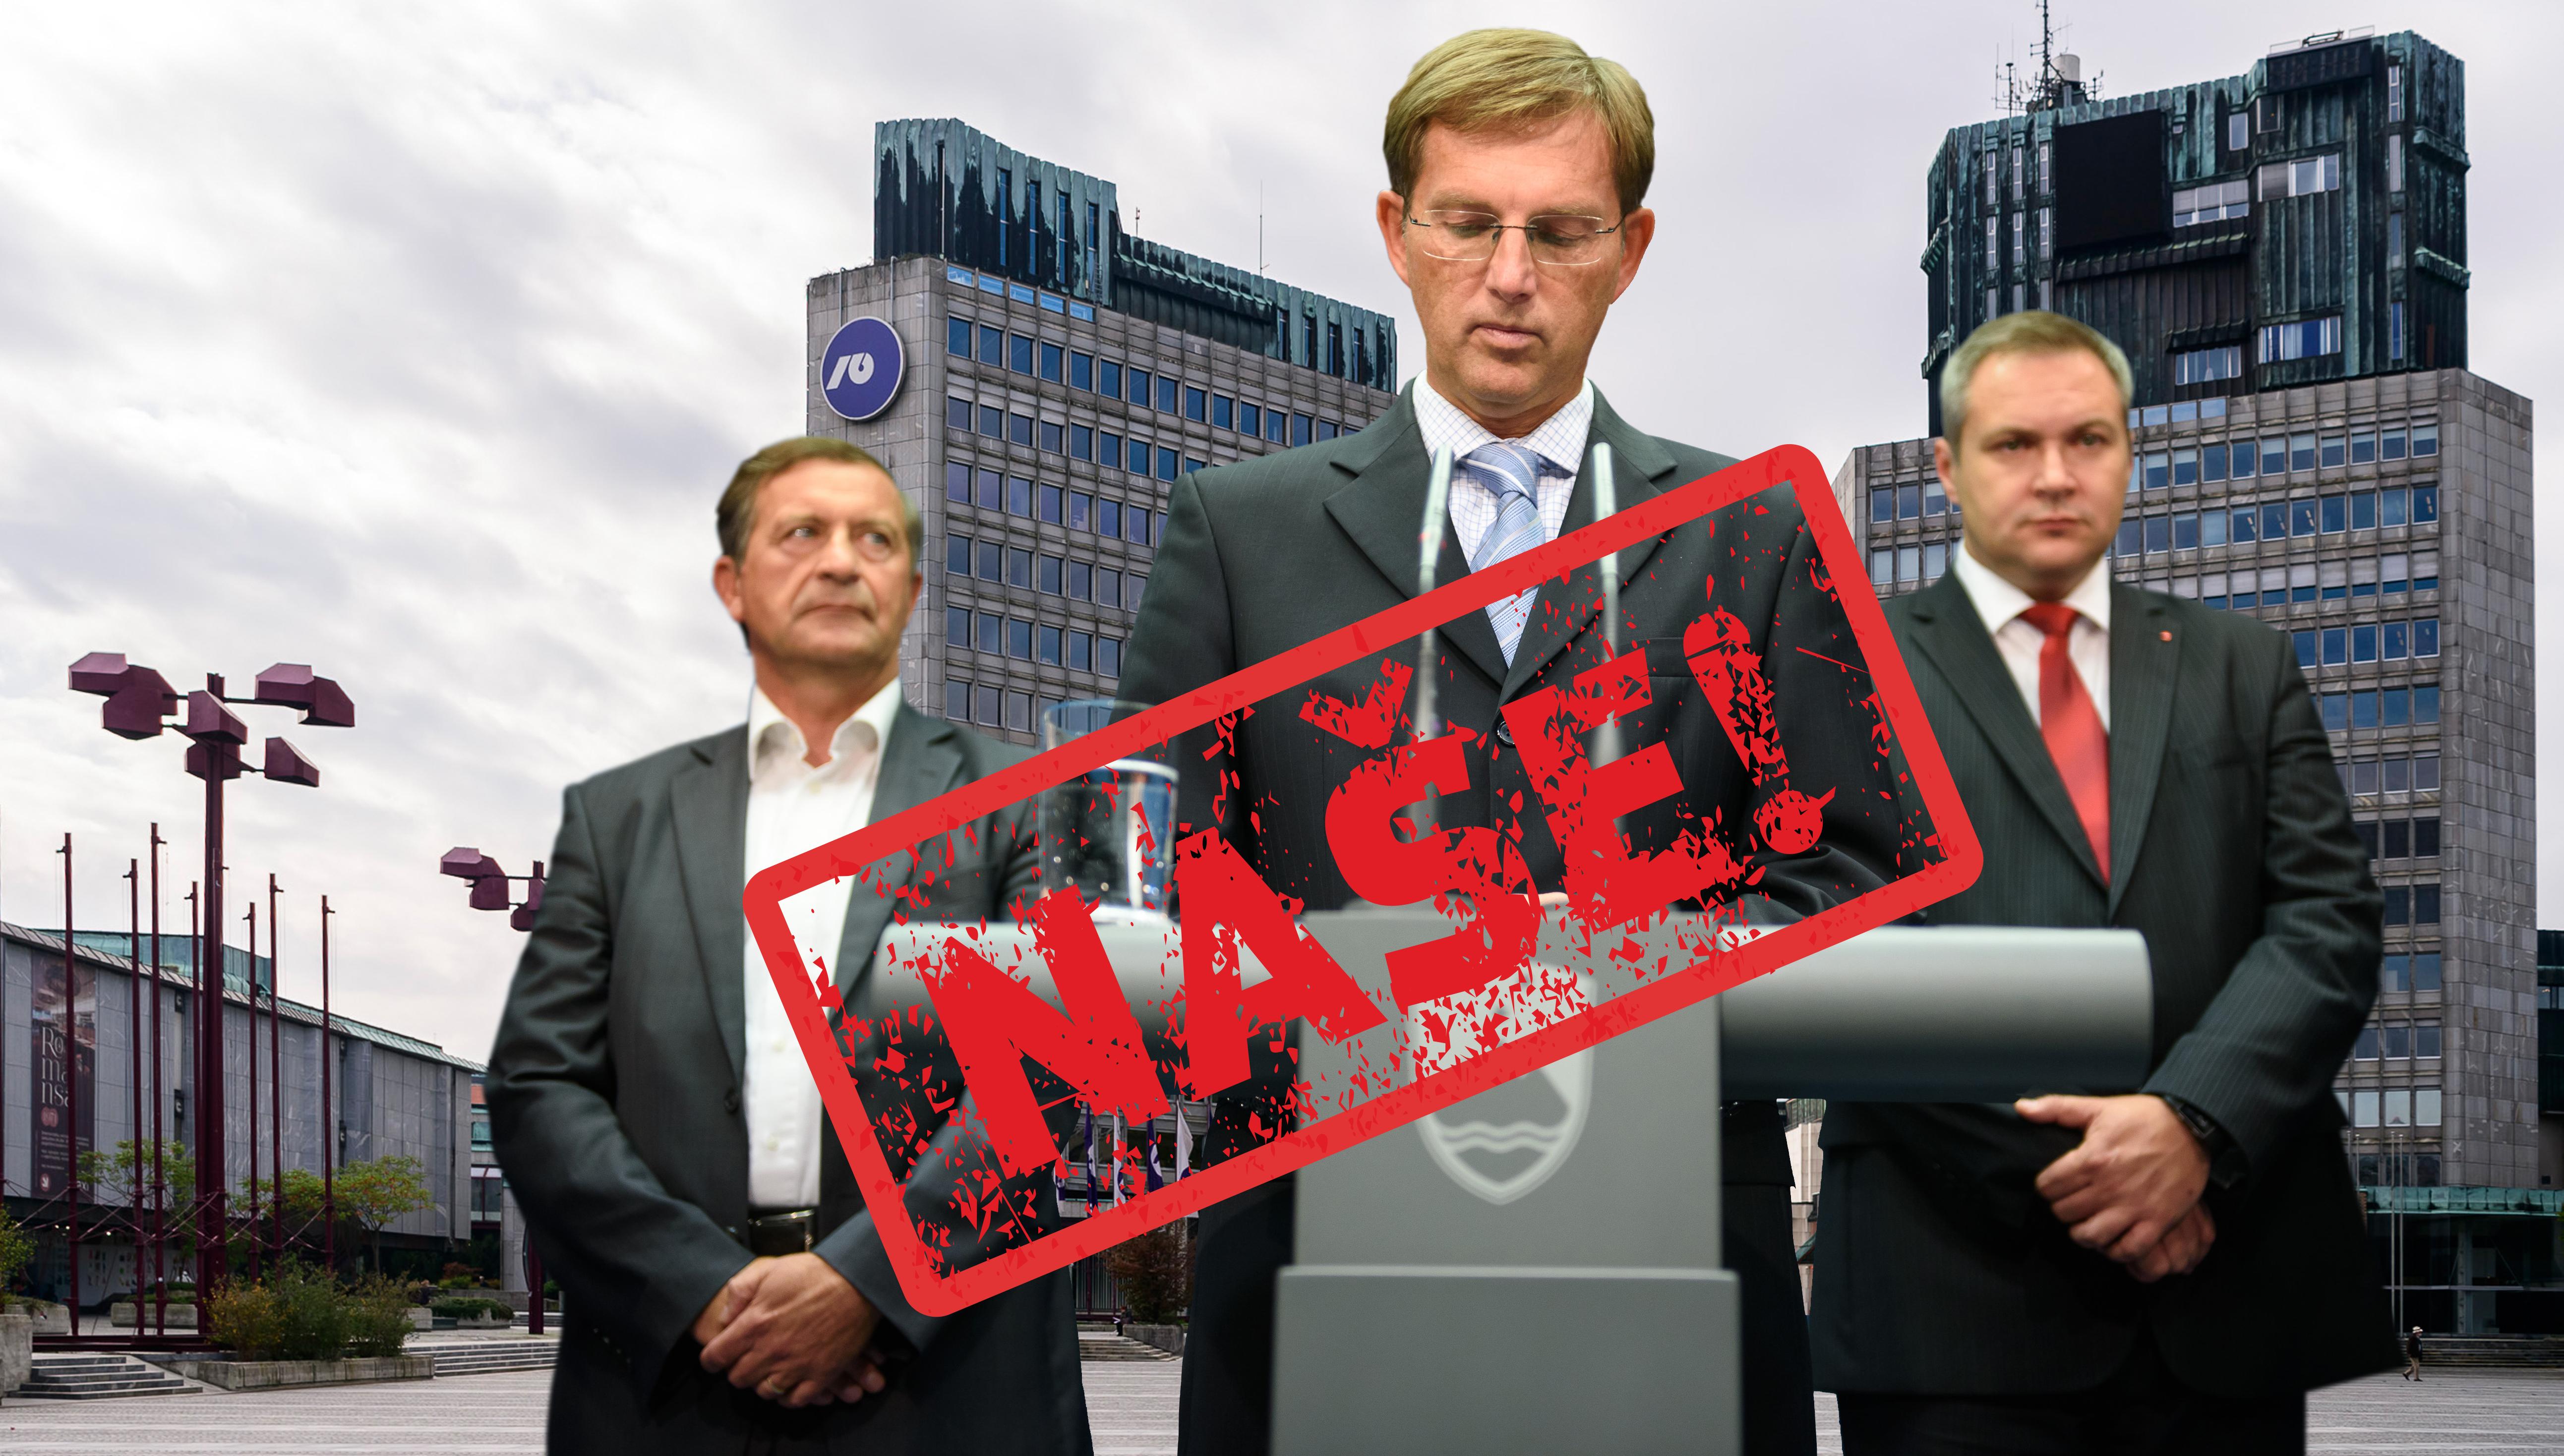 Neuradno: ECB tudi uradno od NLB zahteva, da jo prosi za izplačilo dividende. Uradno: 225,1 milijona evrov dobička v 2017!